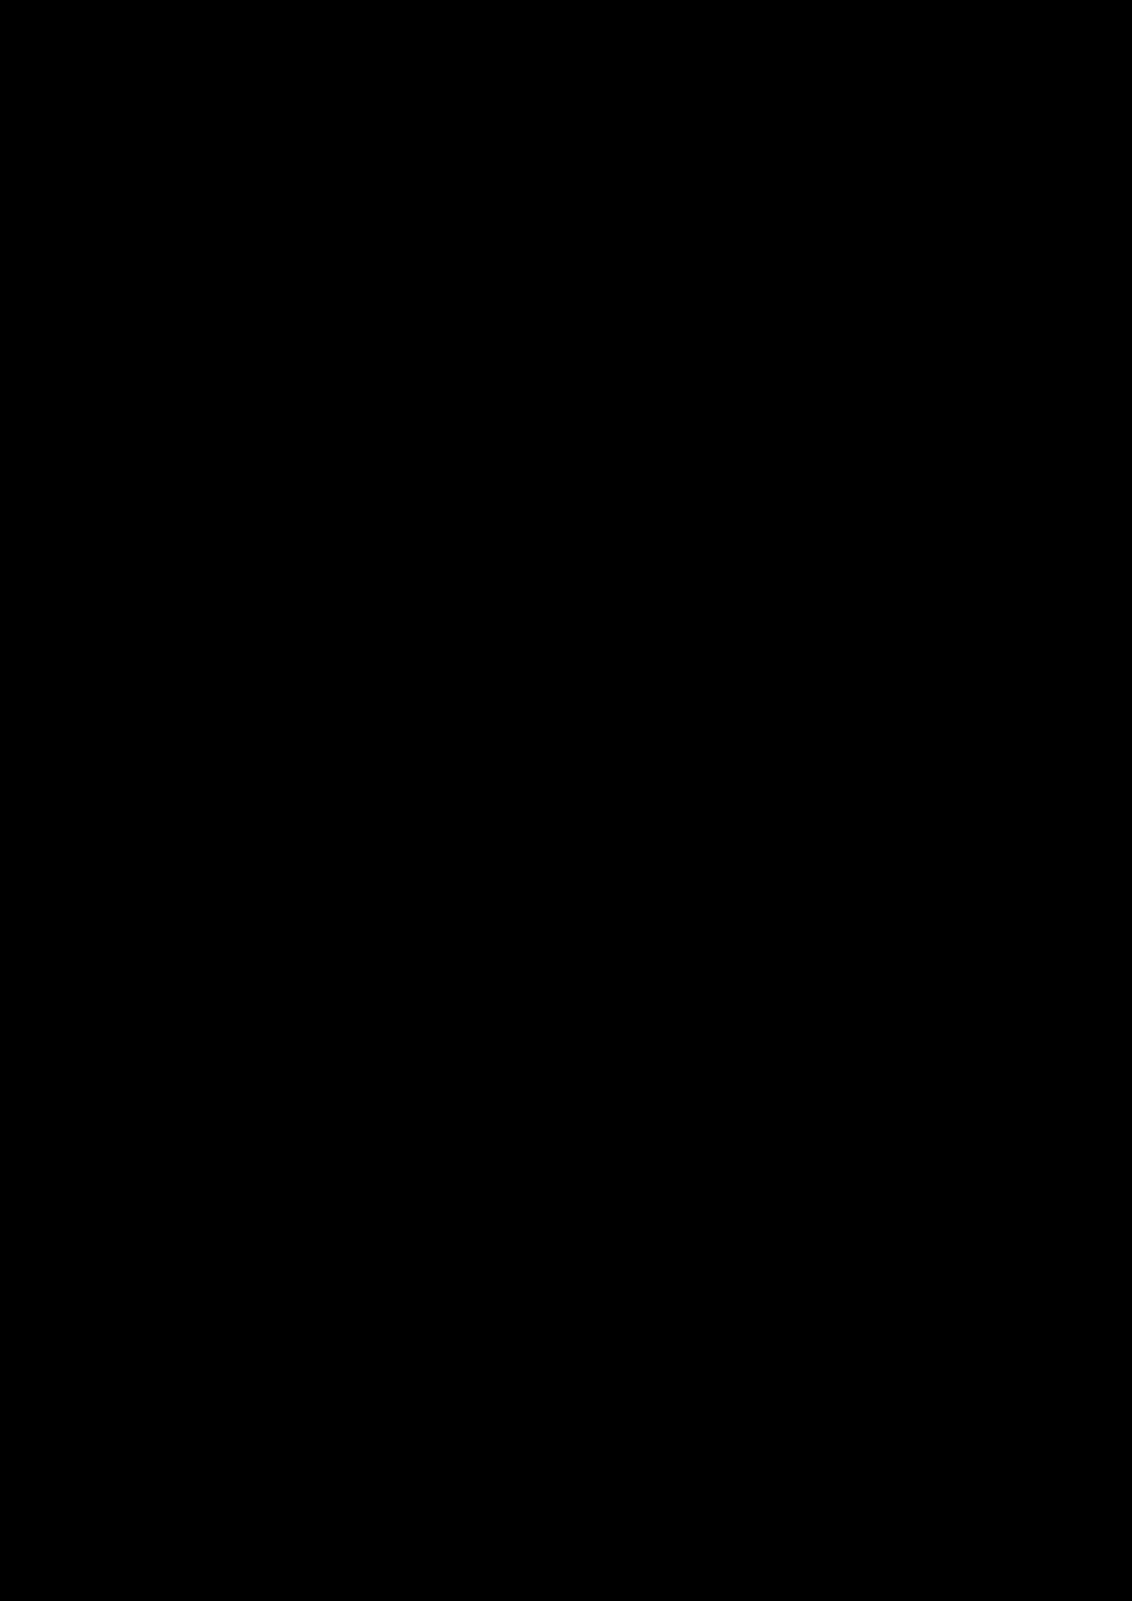 Dekoratsii slide, Image 7